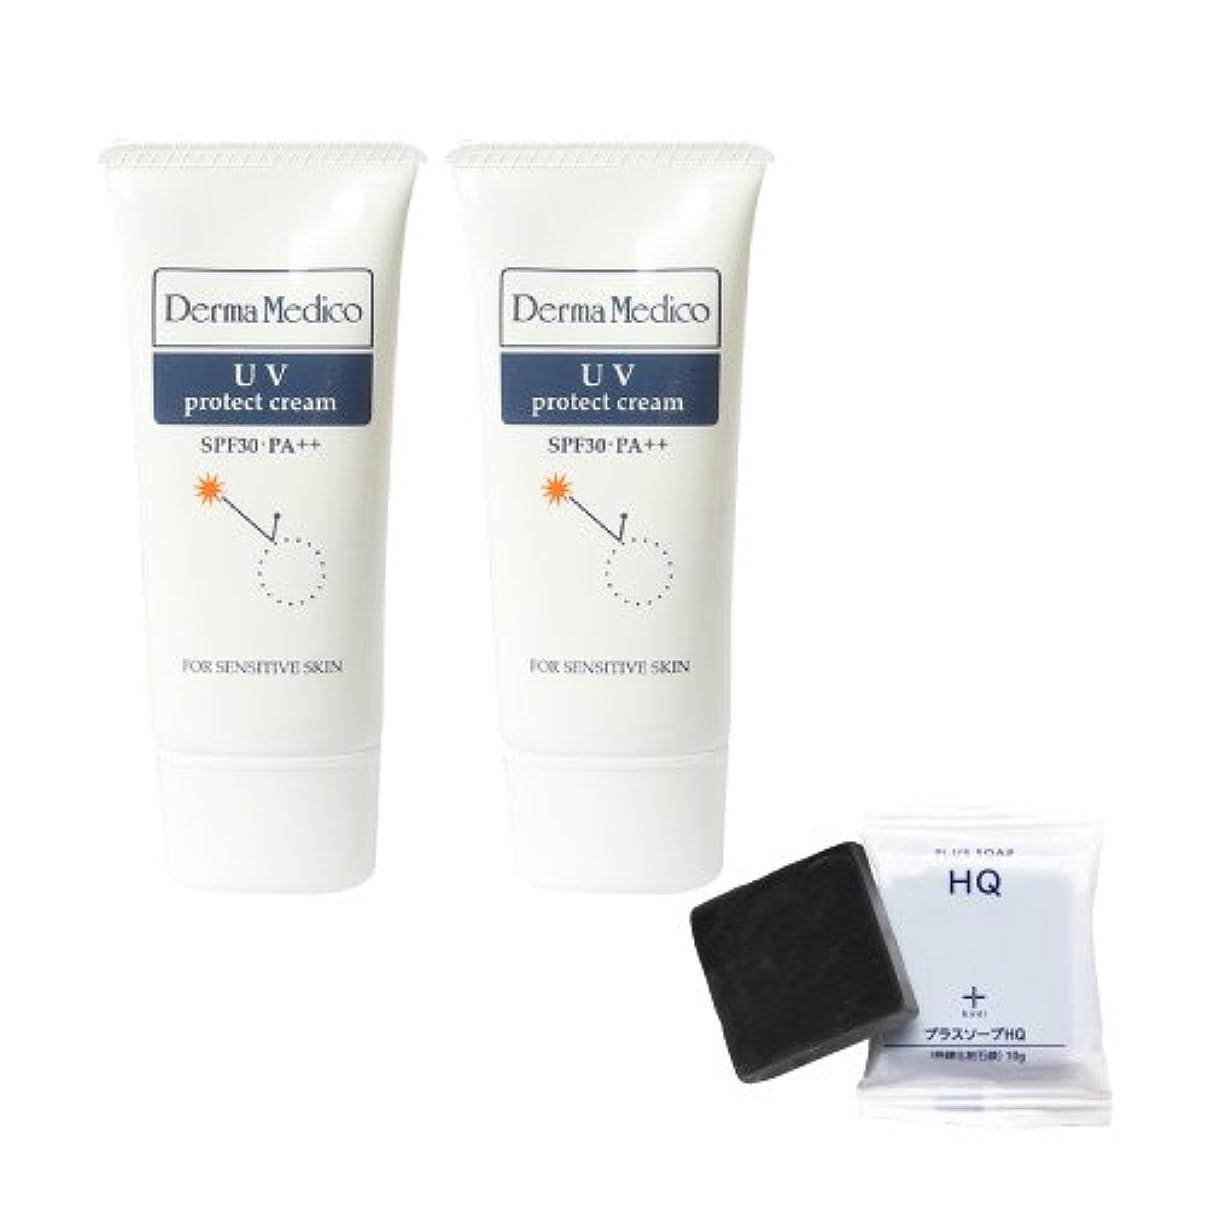 和告白する少年ダーマメディコ UVプロテクトクリーム (2本+ミニソープセット)